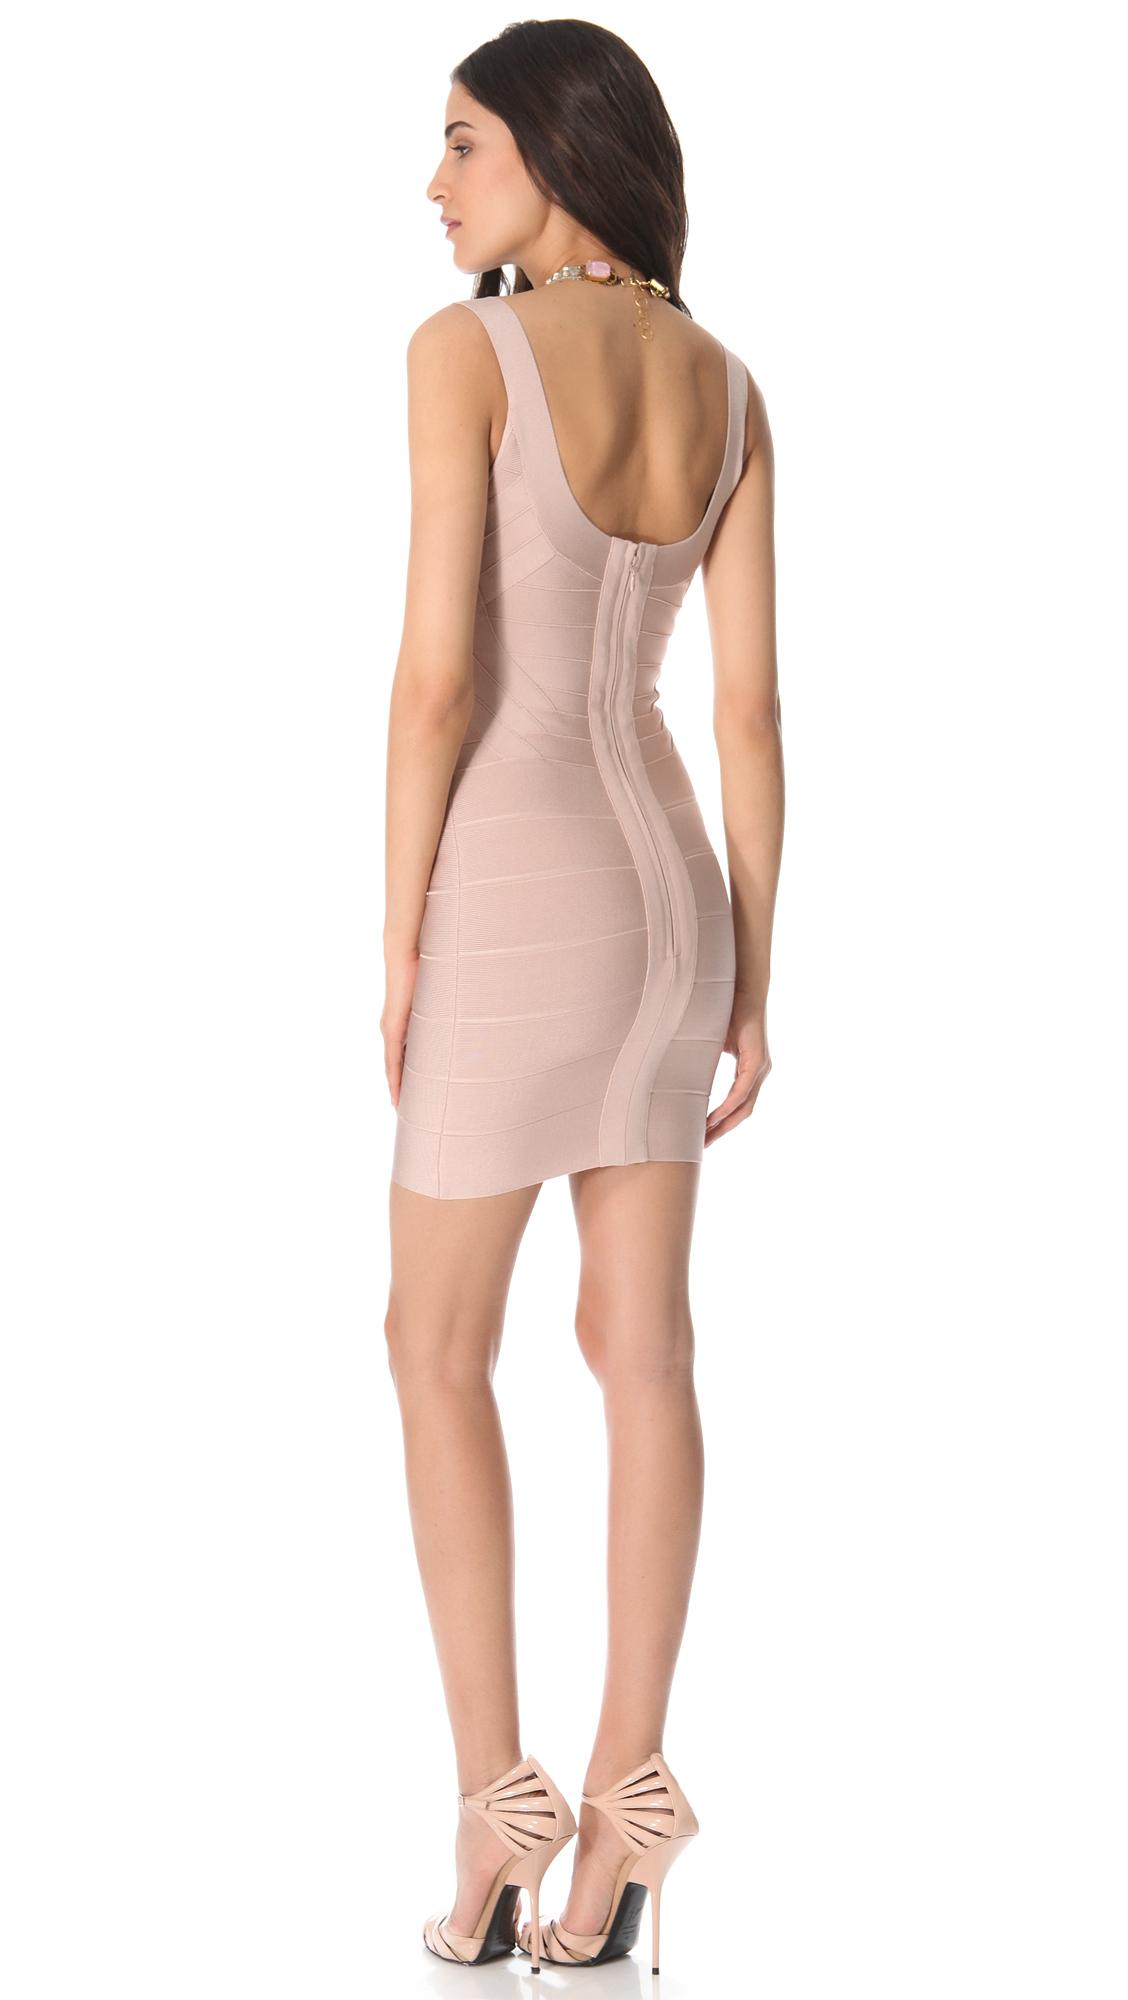 daeffbaf4697 Lyst - Hervé Léger Zeina Sleeveless Dress in Pink